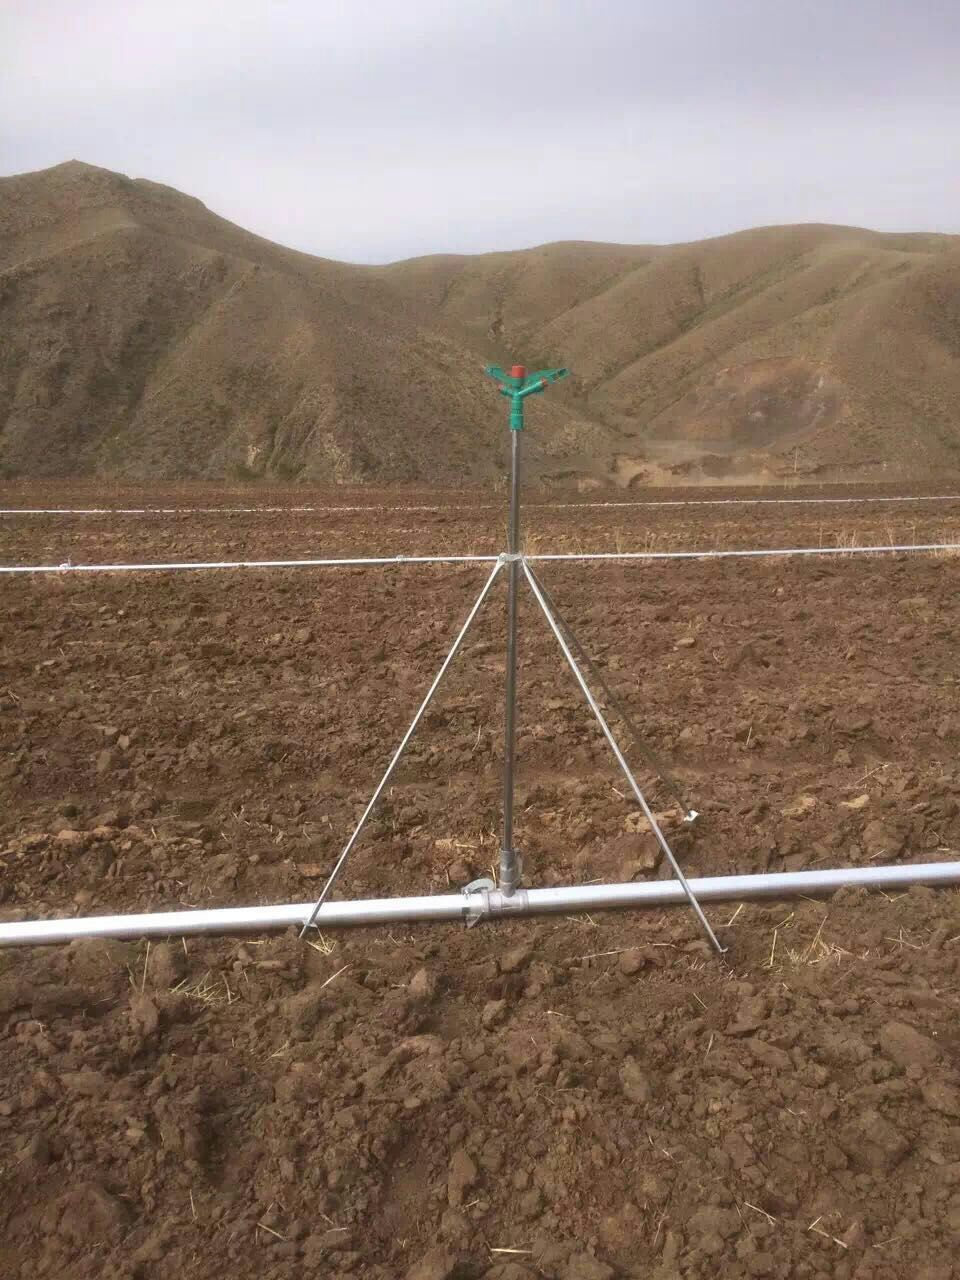 专业生产 草坪喷灌铝合金管道 铝合金喷灌管 成套设备厂家直销示例图2